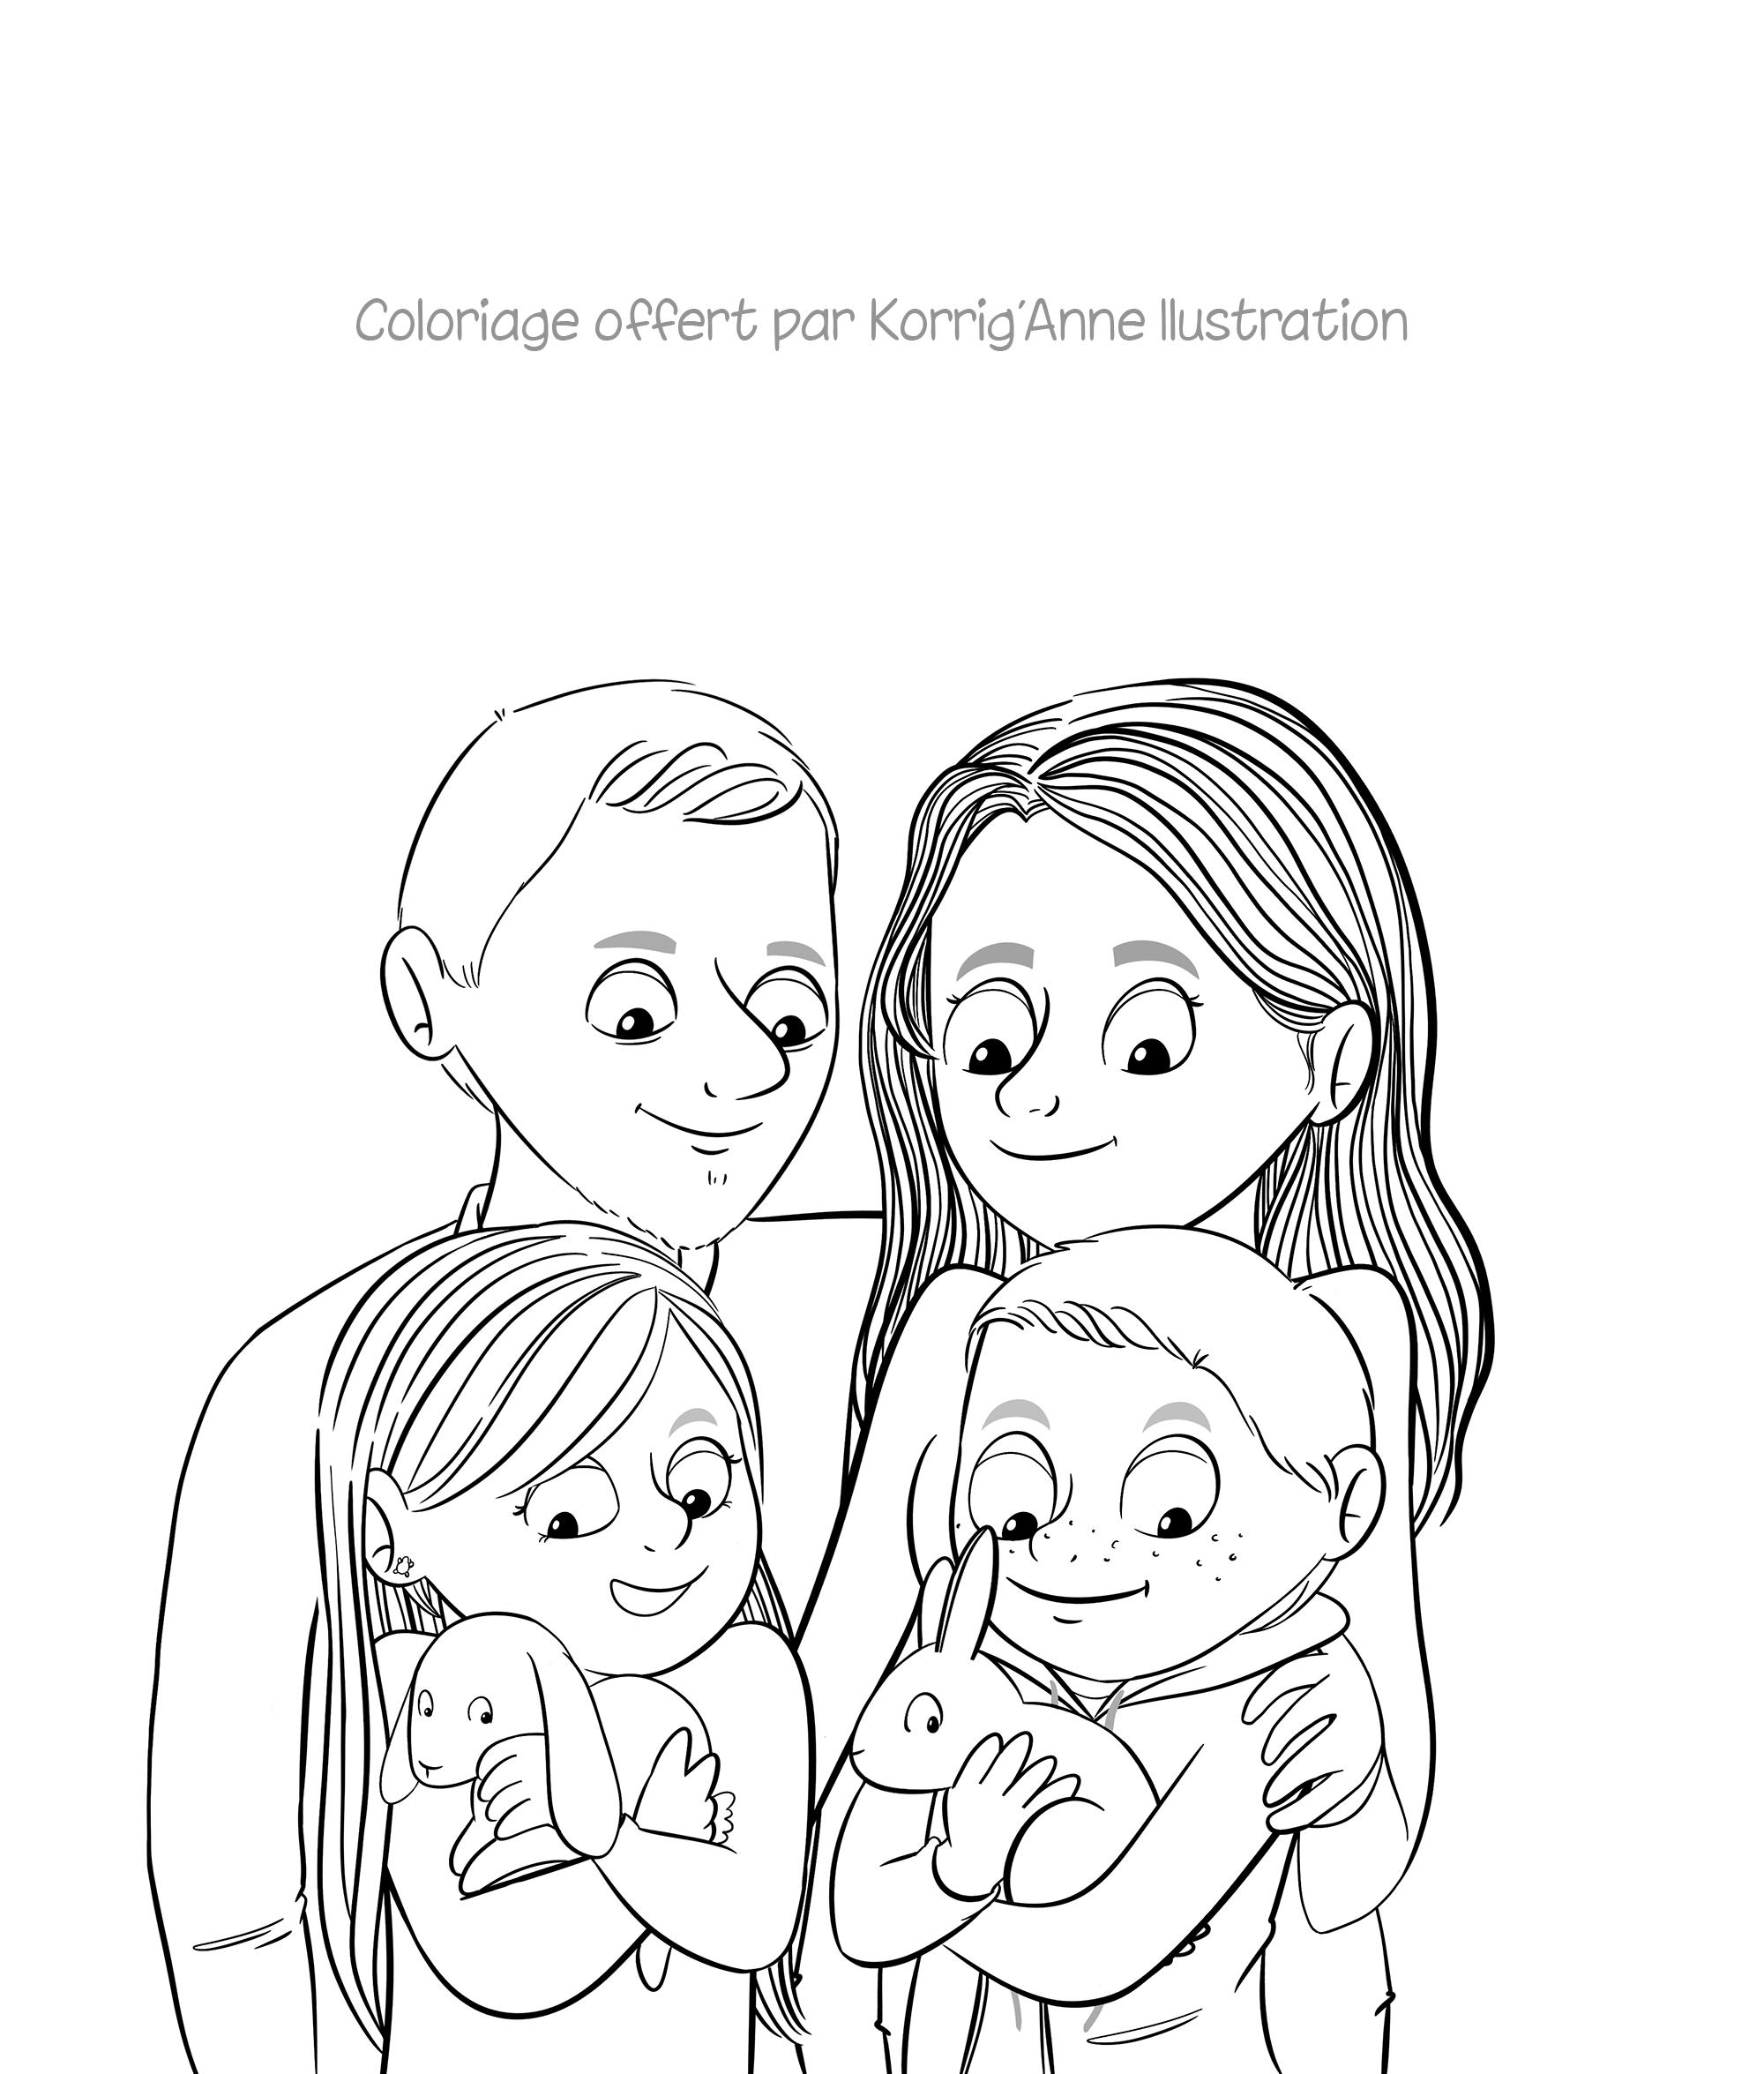 Famille à colorier coloriage   Coloriage gratuit, Coloriage ...